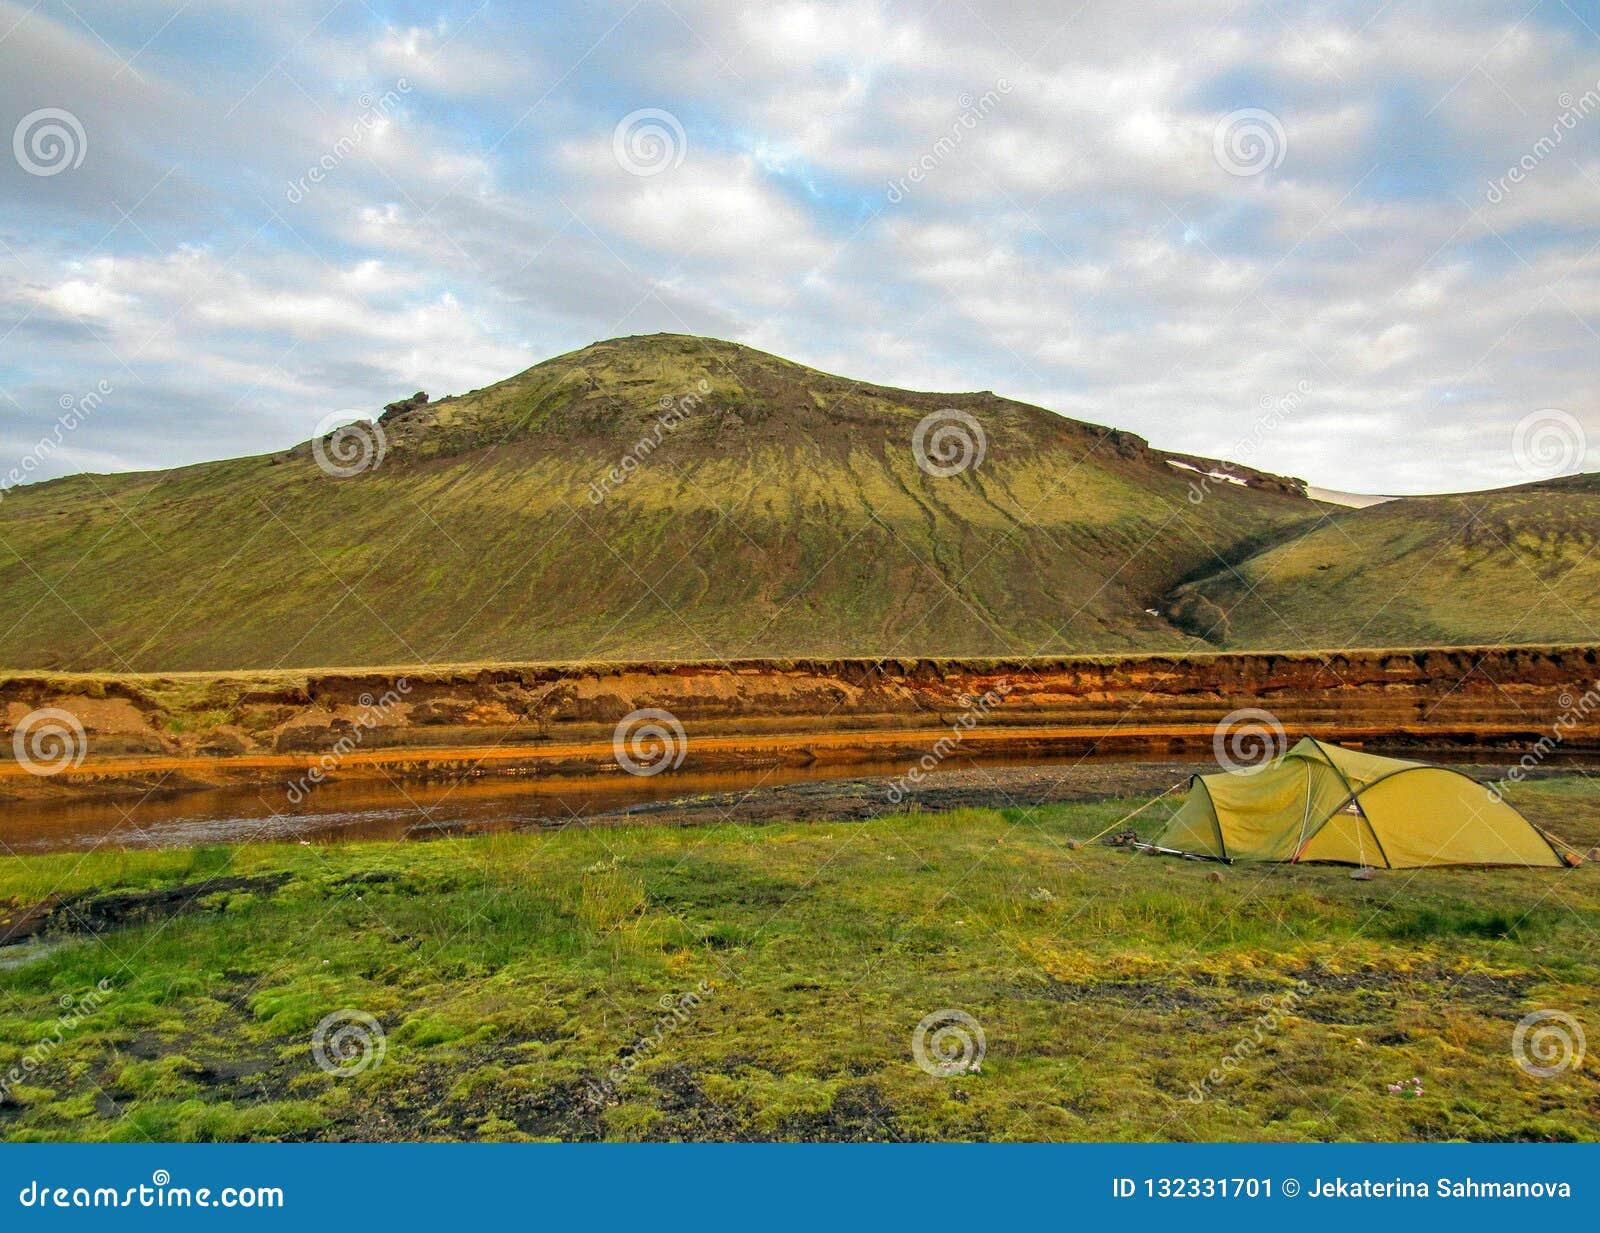 Det gröna tältet kastade bredvid floden med det gröna berget i bakgrunden, den Alftavatn campingplatsen, Laugavegur, Island